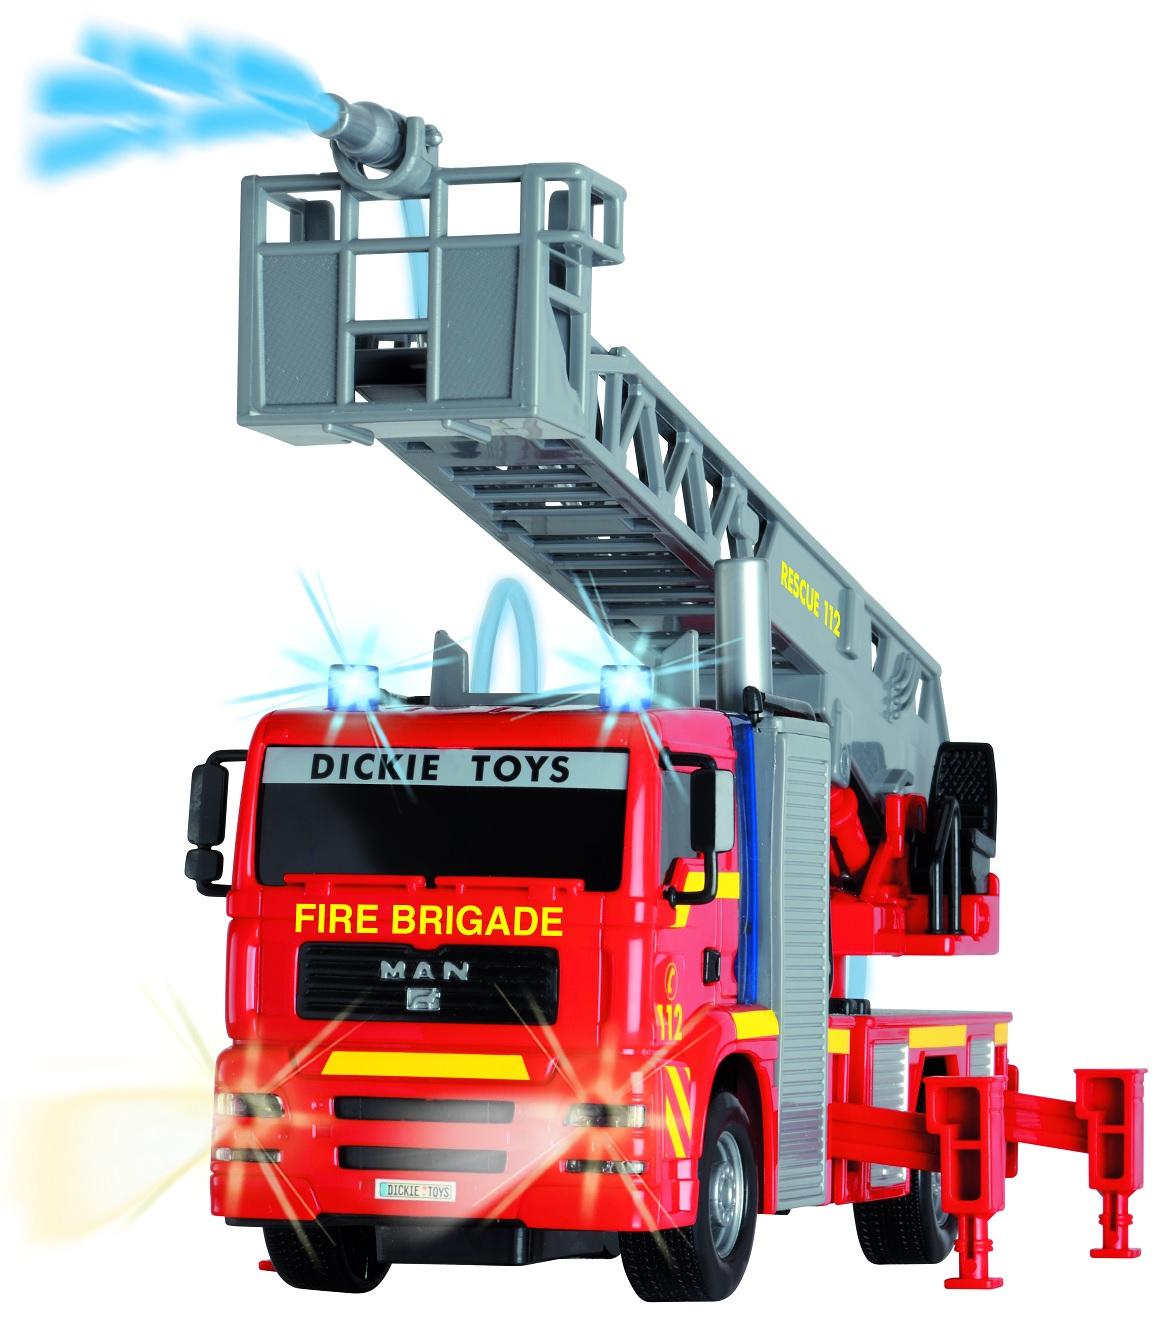 Купить City Fire Engine пожарная машина, свет + звук, брызгает водой, 25 см., Dickie Toys